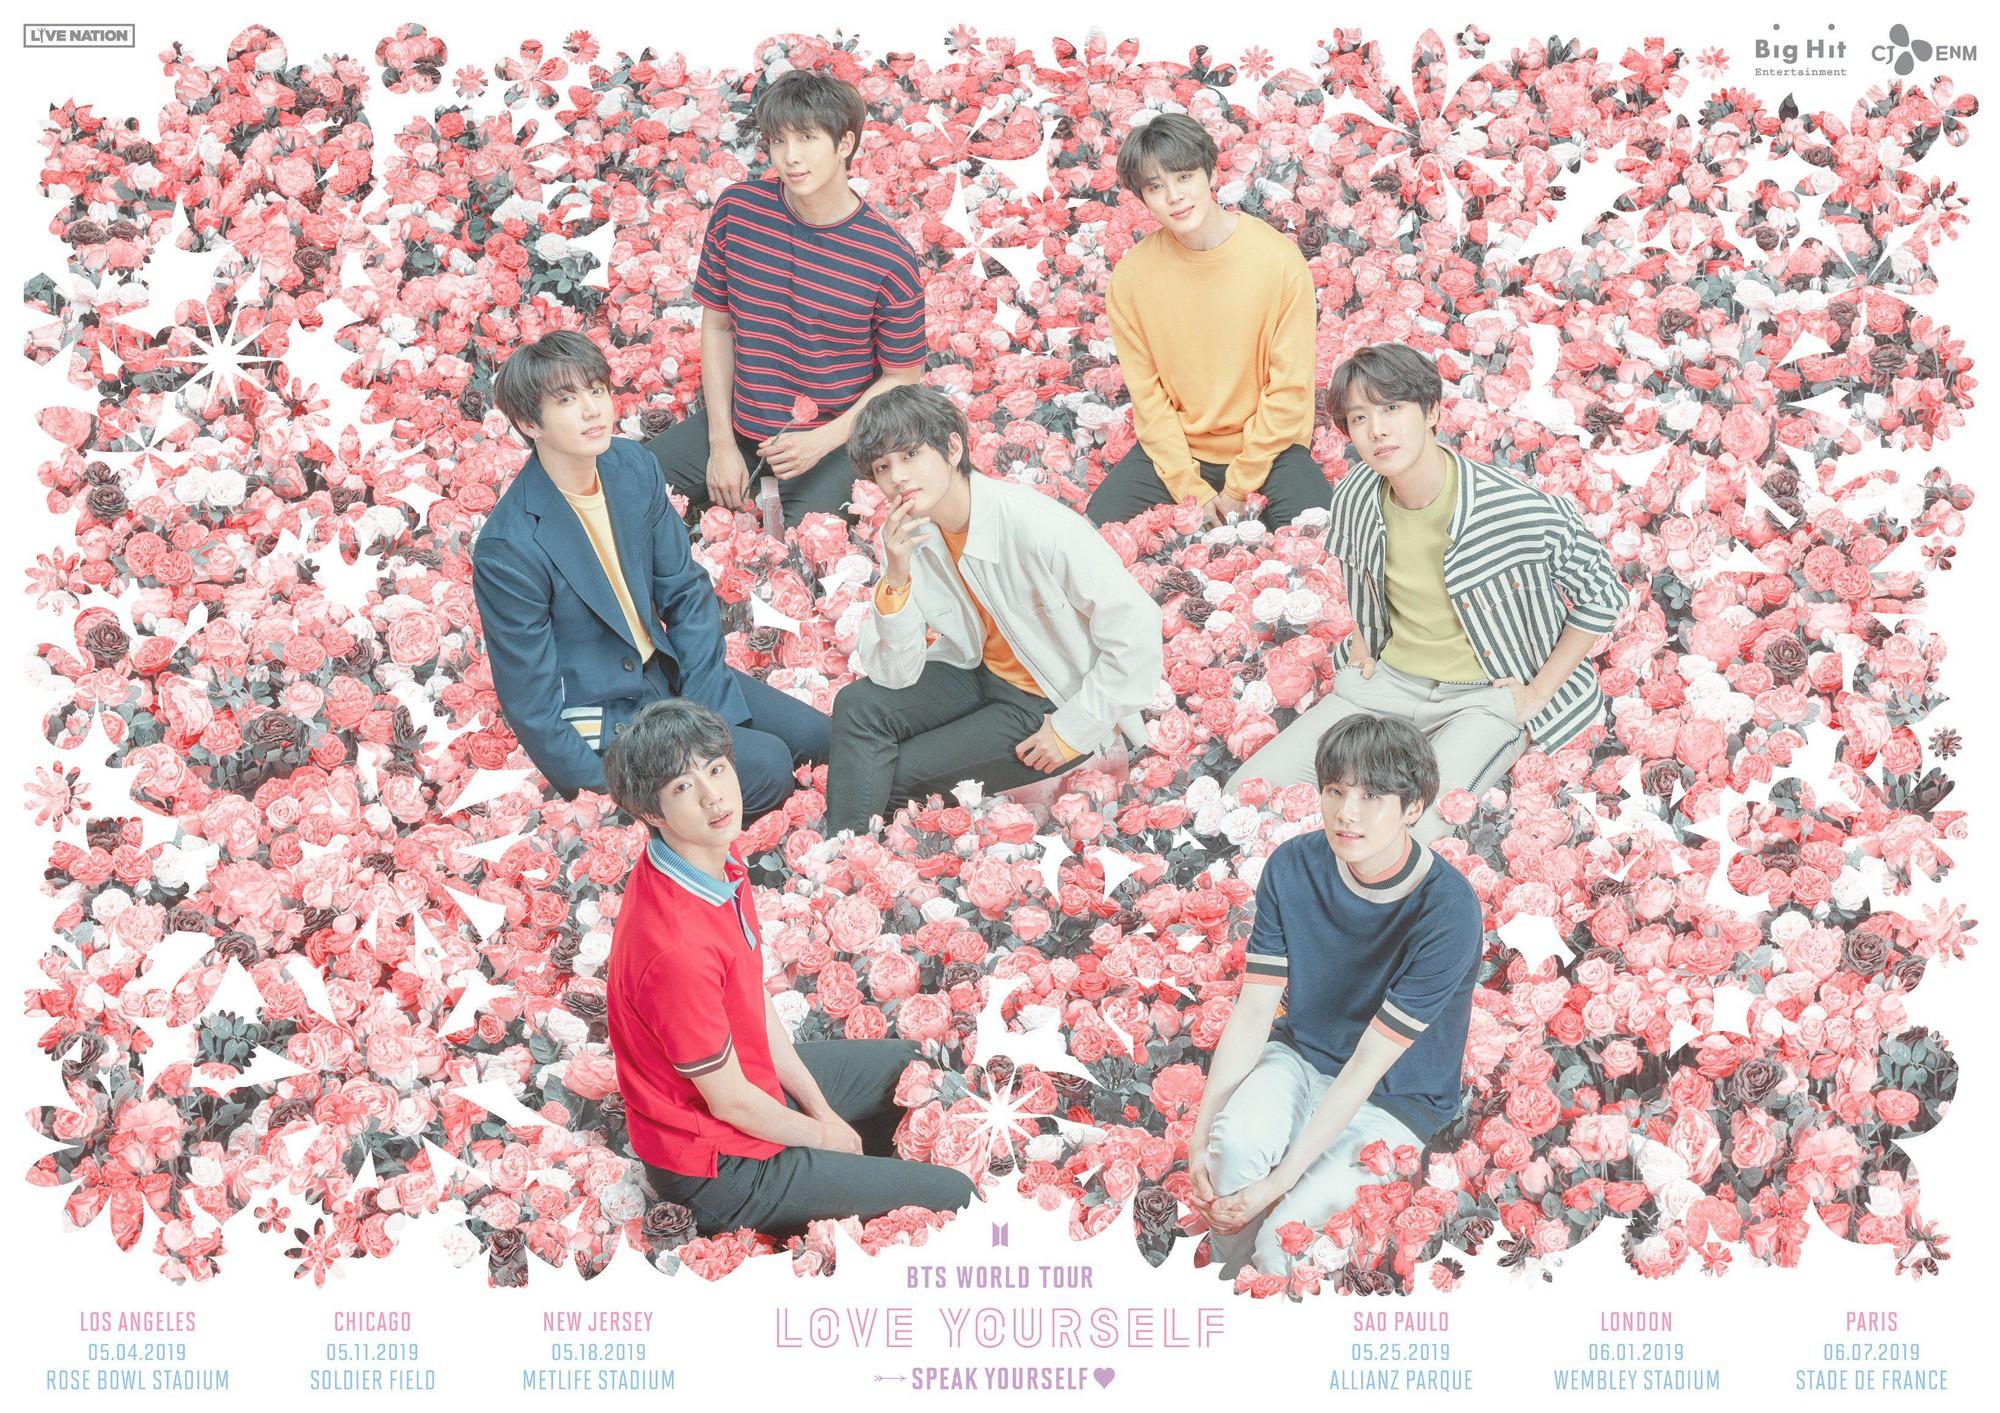 100 triệu đồng cho 1 tấm vé concert BTS: Fan phẫn nộ vì thành phần chợ đen hét giá quá quắt! - Ảnh 2.